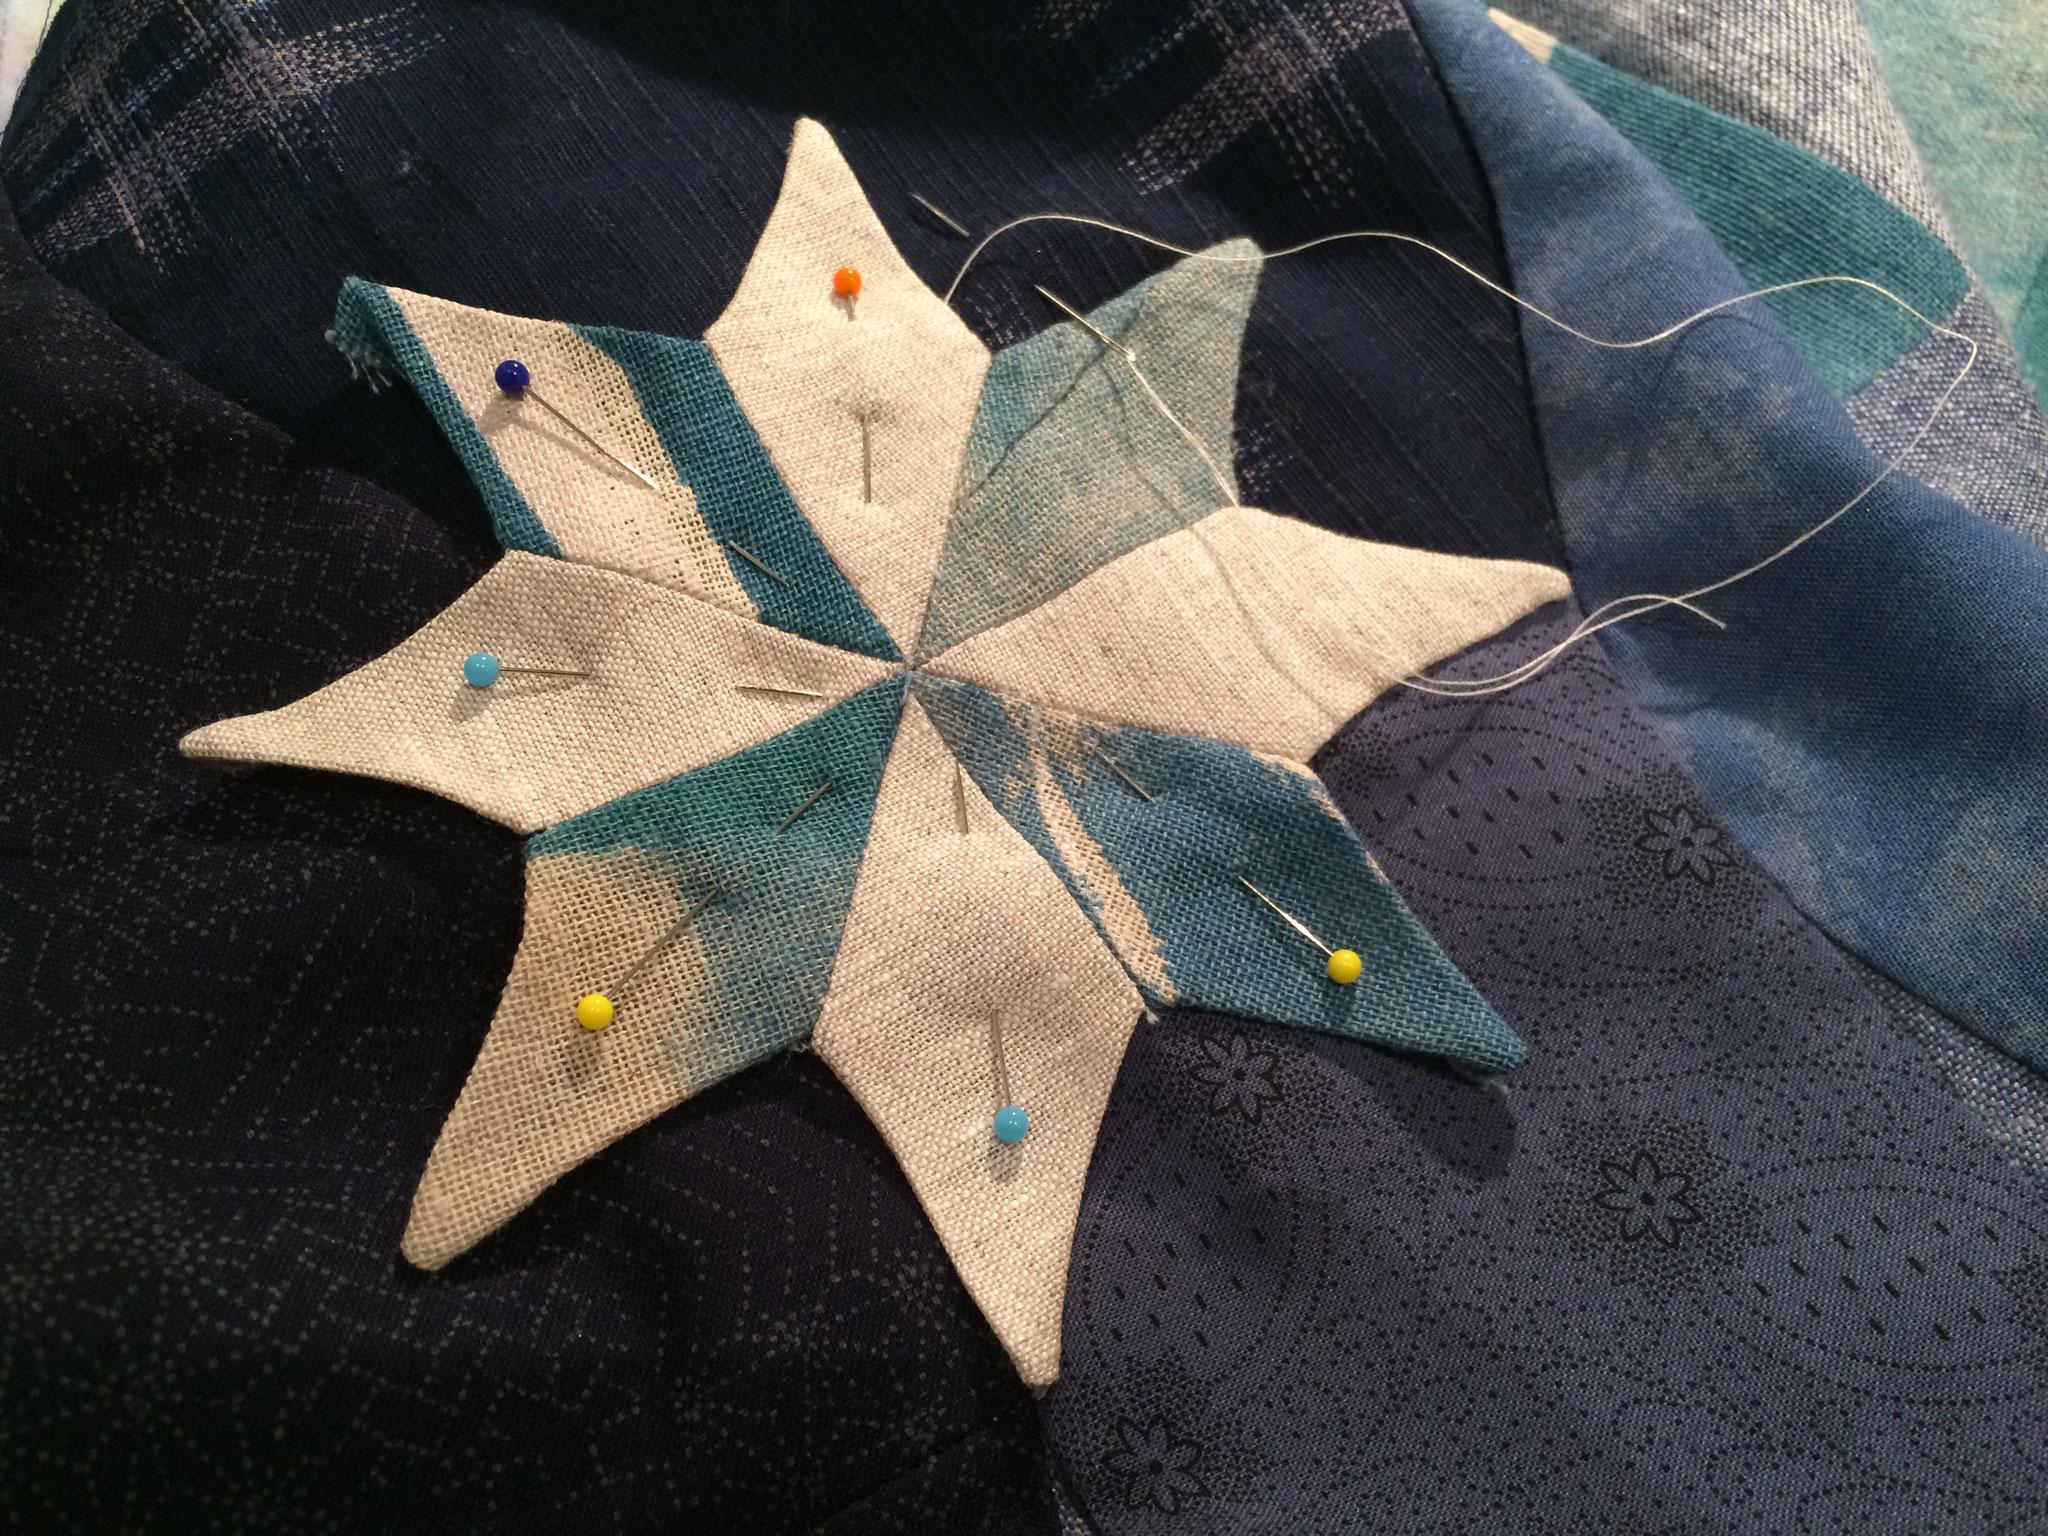 Création de l'étoile et appliqué.